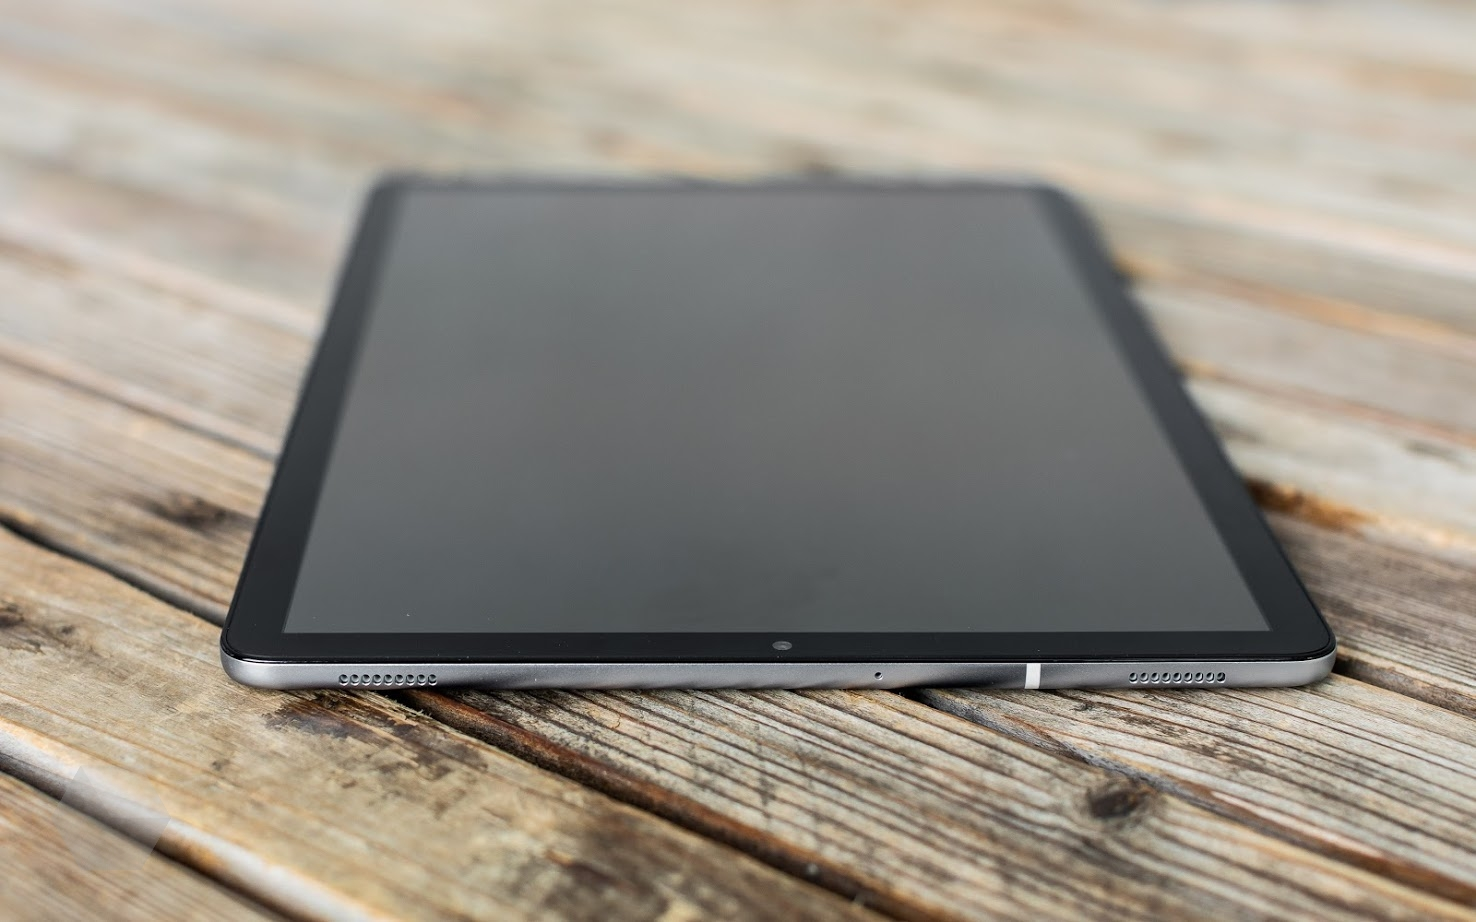 Обзор Samsung Galaxy Tab S5e — сериалостанция или помощник?5